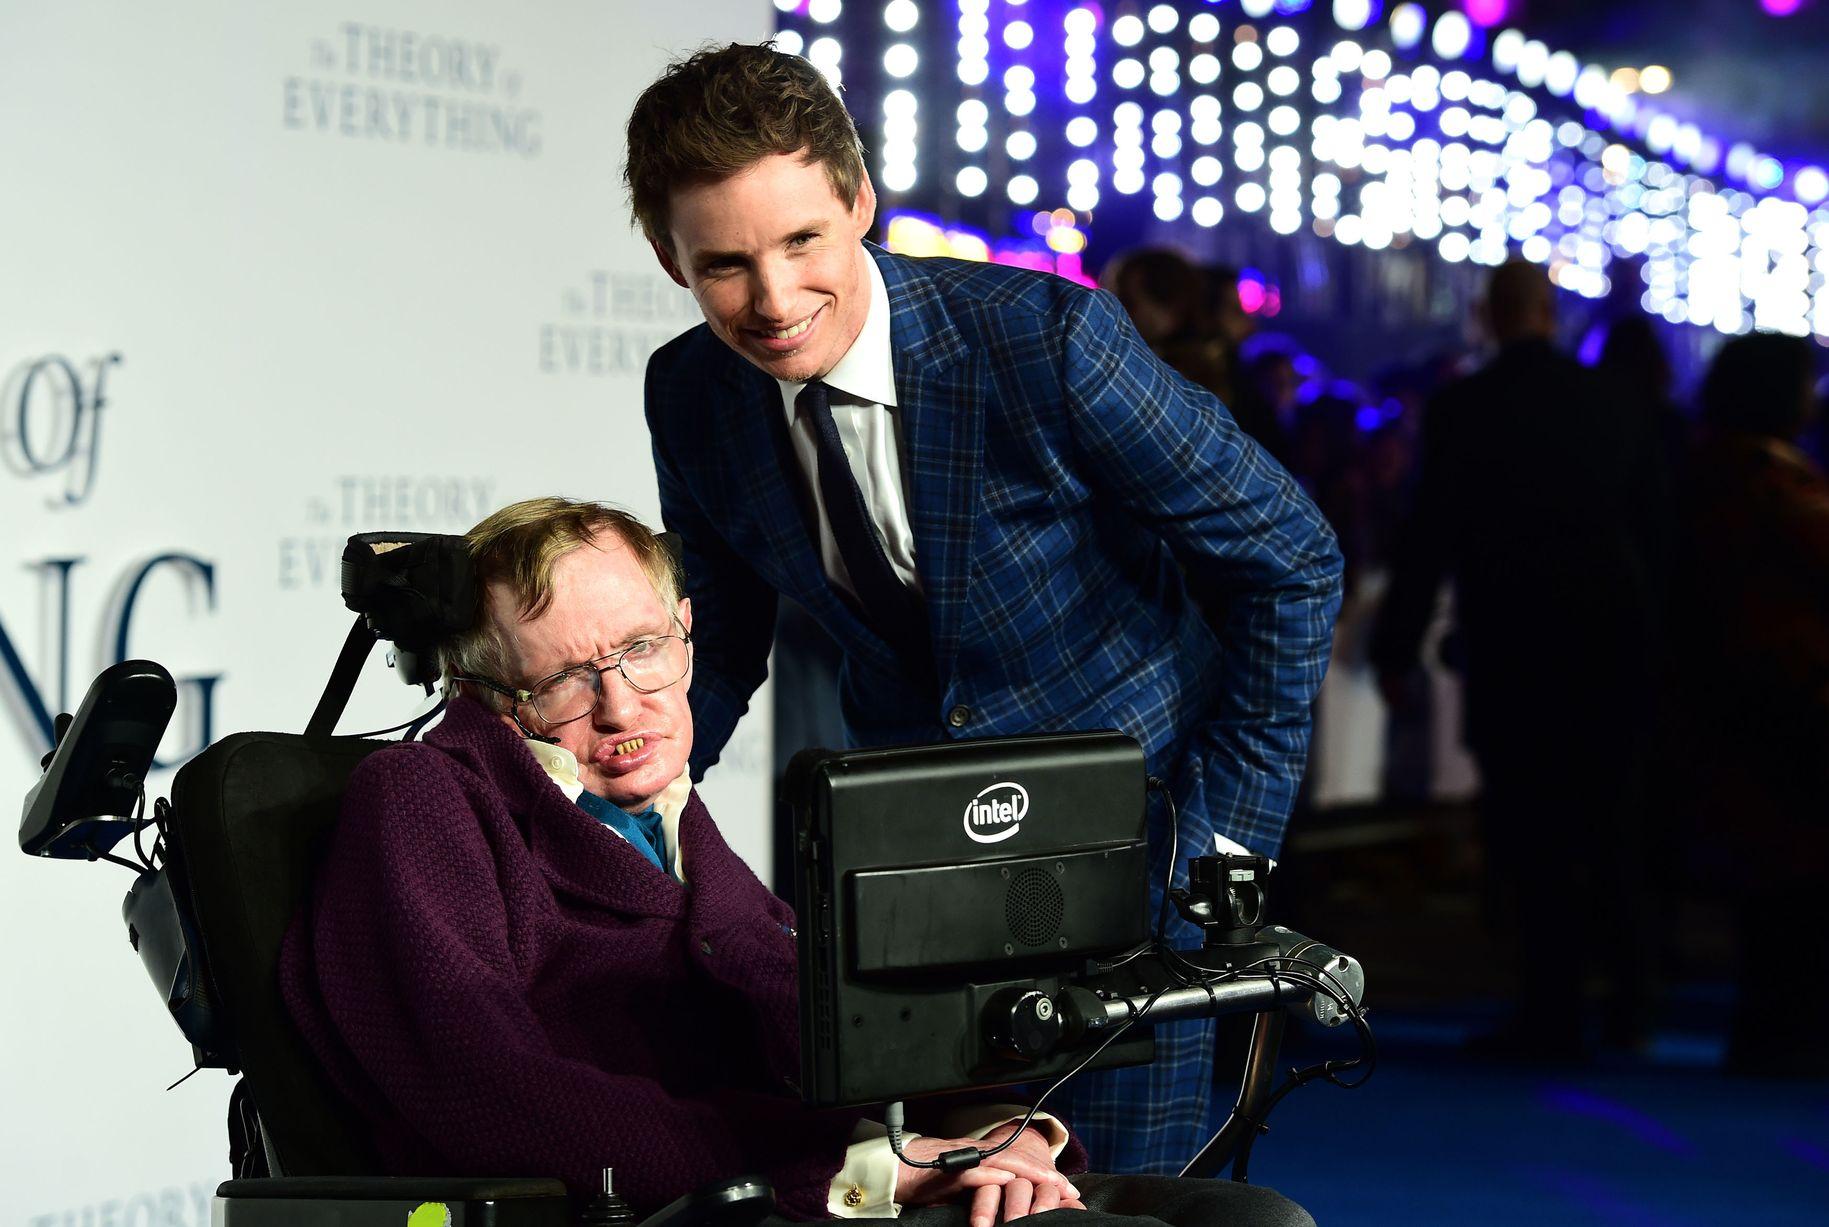 """Стивен Хокинг и Эдди Редмэйн на премьере фильма """"Теория всего"""" в Лондоне, 2014 год / Источник: Cambridge News"""